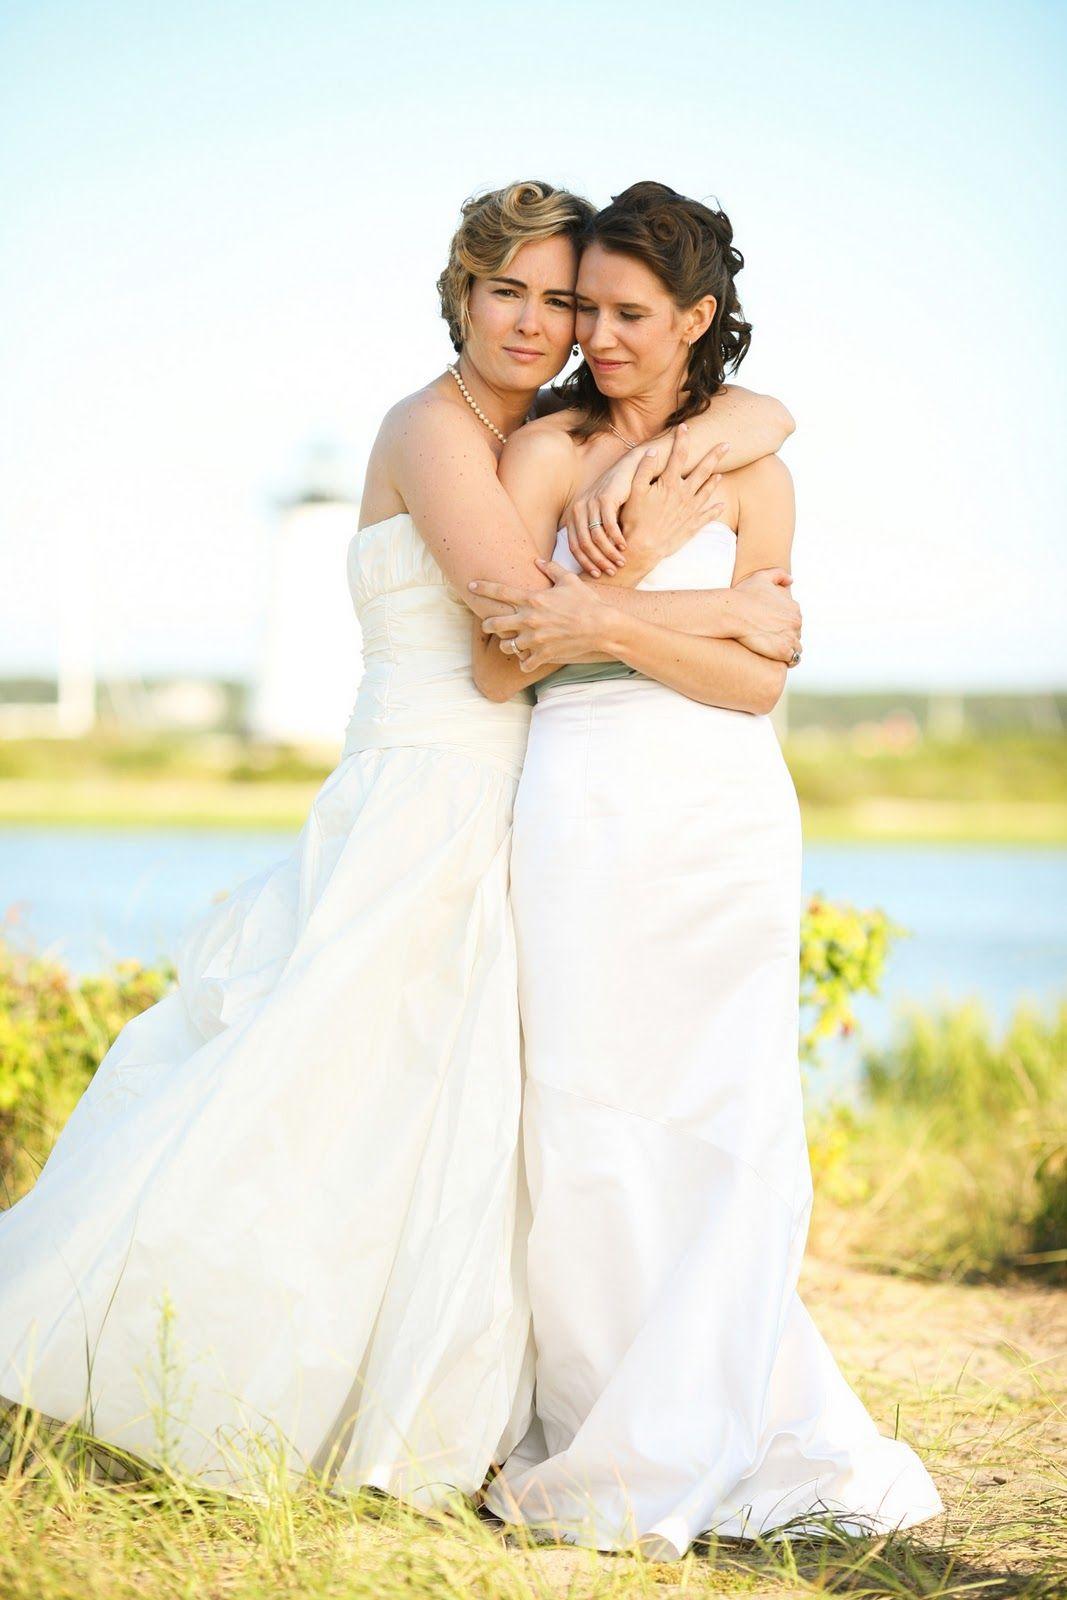 lesbian weddings martha�s vineyard lesbian wedding brides